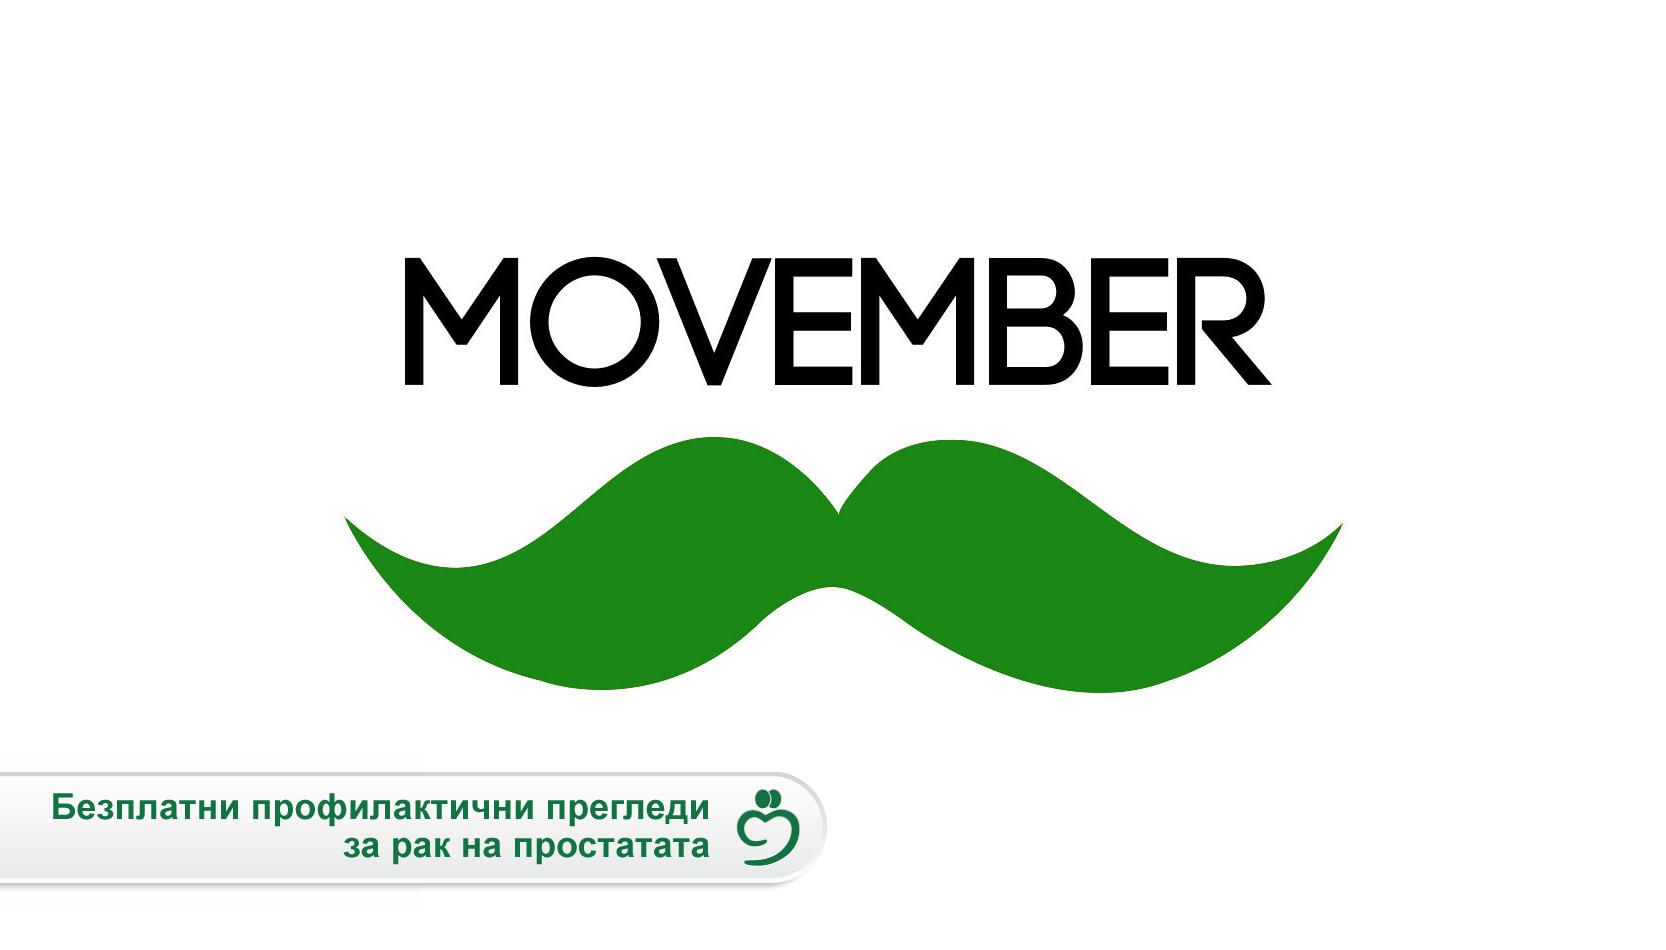 Стартира кампания за провеждане на безплатни профилактични прегледи за рак на простата в ДКЦ